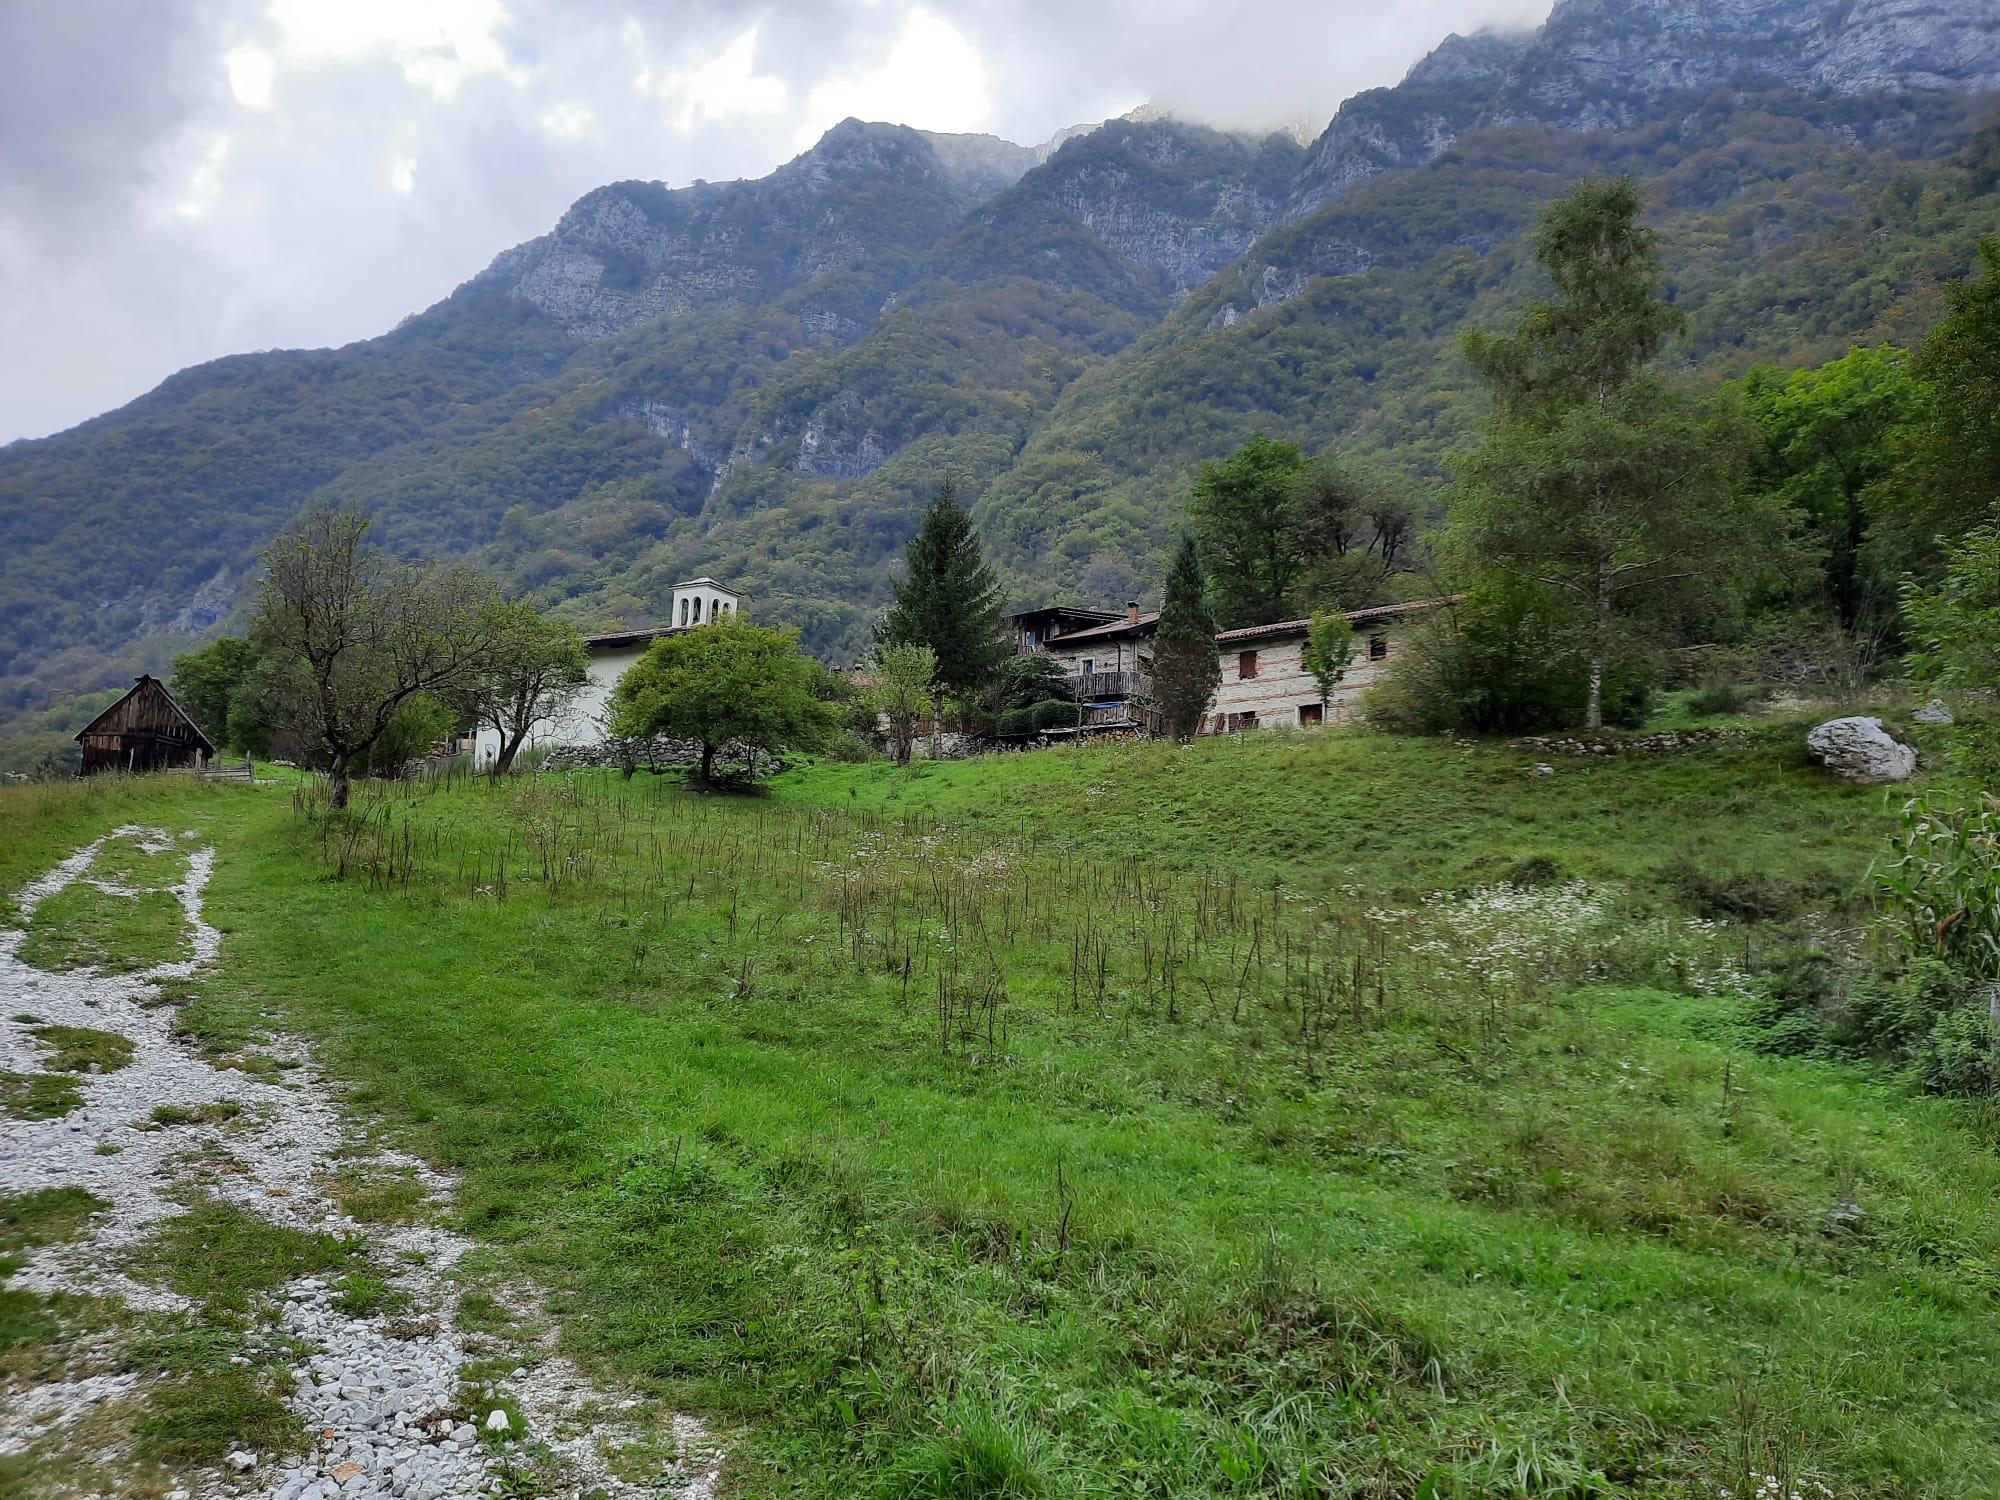 04 - Il piccolo borgo di Pozzis